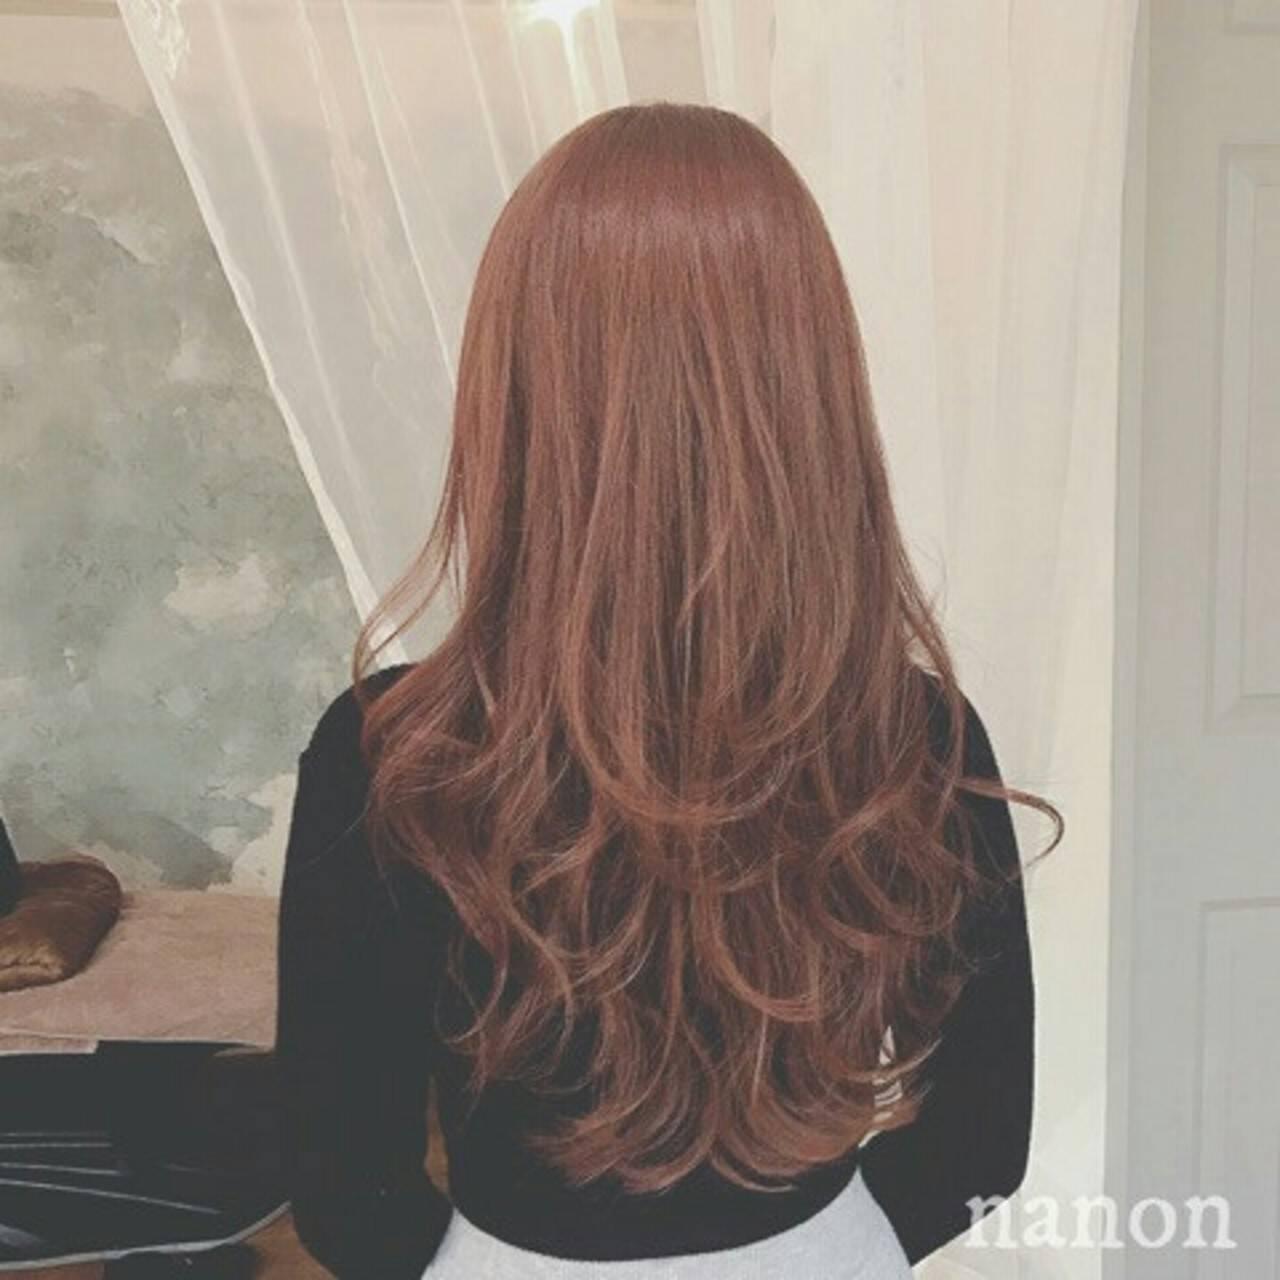 ウェーブ 上品 アンニュイ ハイライトヘアスタイルや髪型の写真・画像